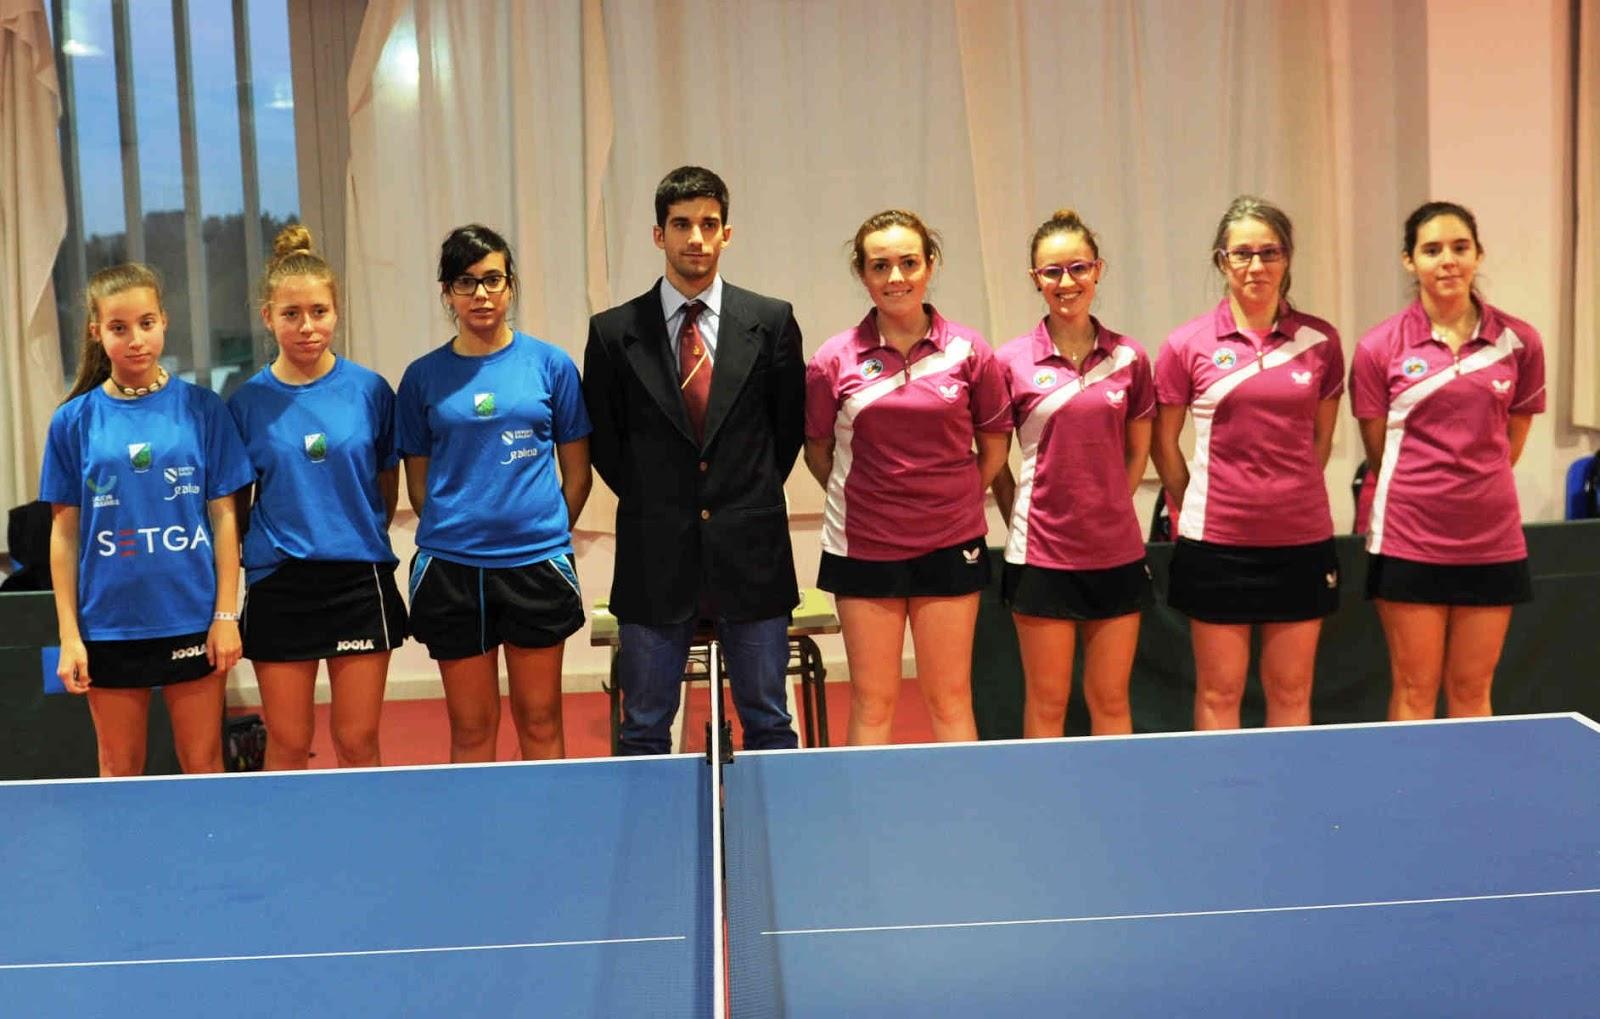 Federaci n de tenis de mesa del principado de asturias noviembre 2015 - Aviles tenis de mesa ...